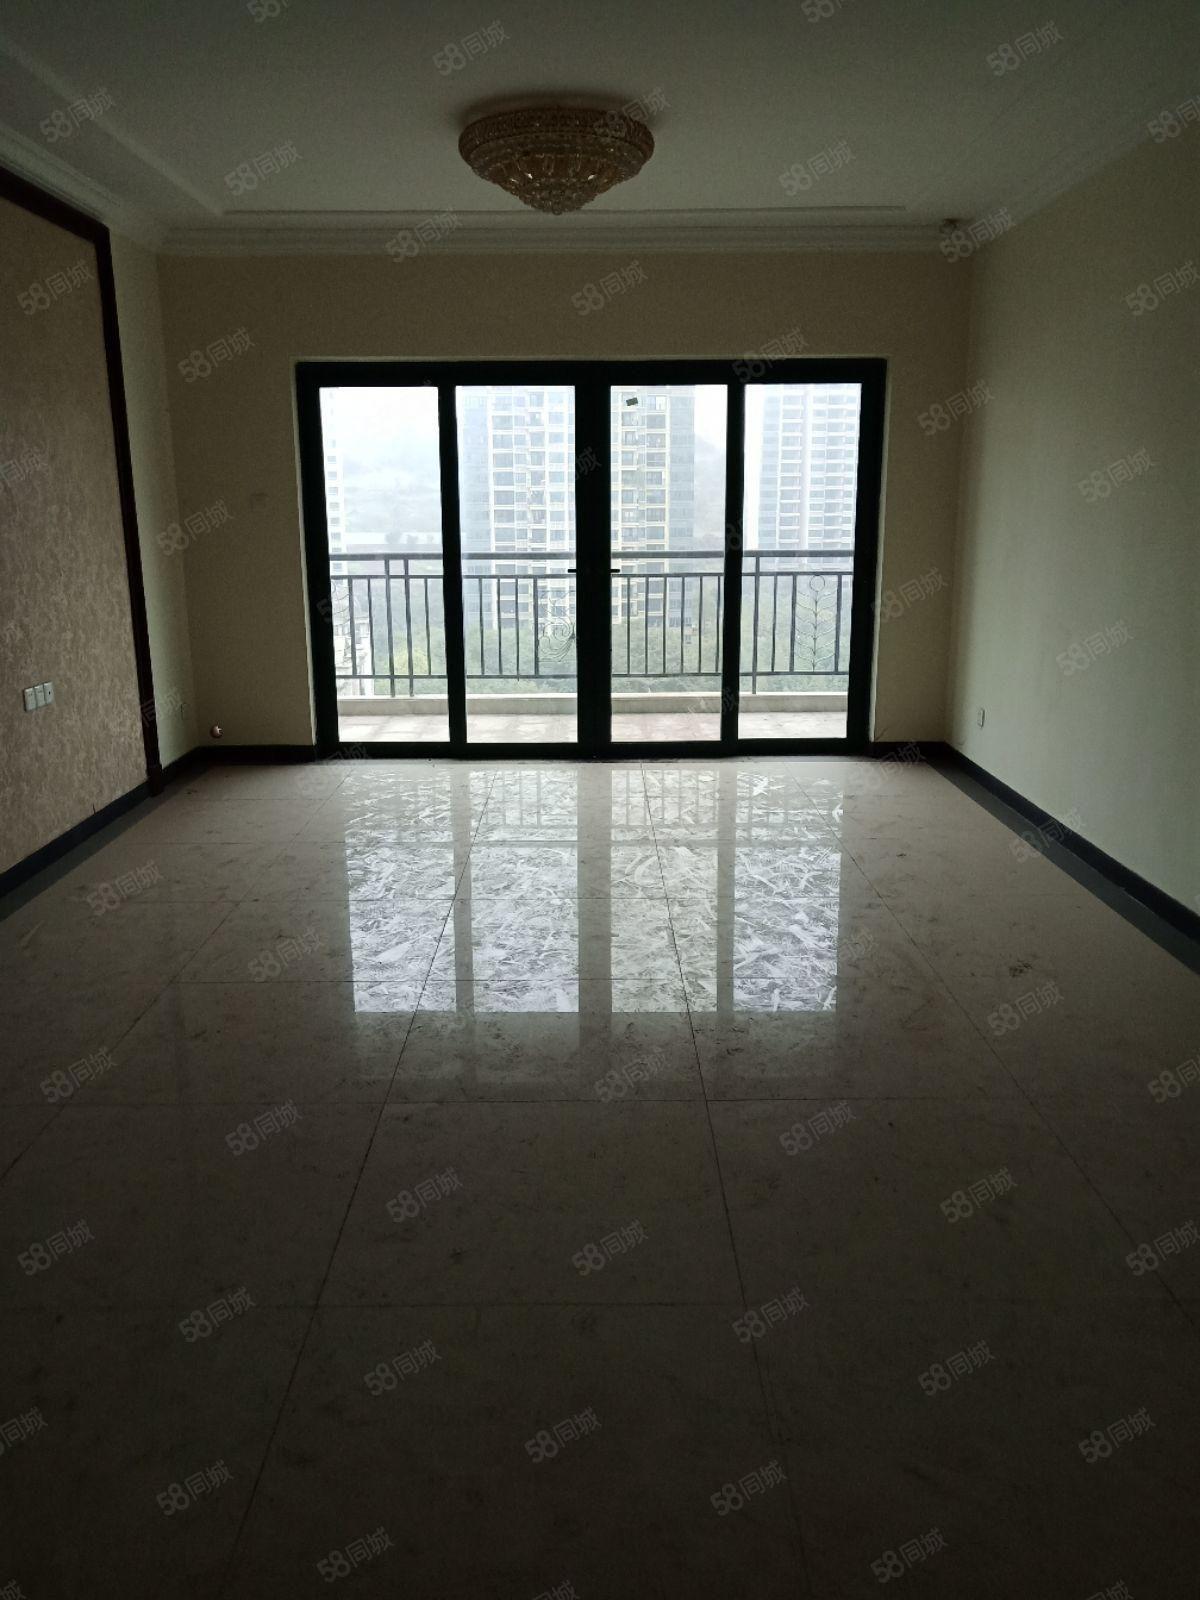 恒大山水城精装4房2厅2卫仅售5300一平先到先得